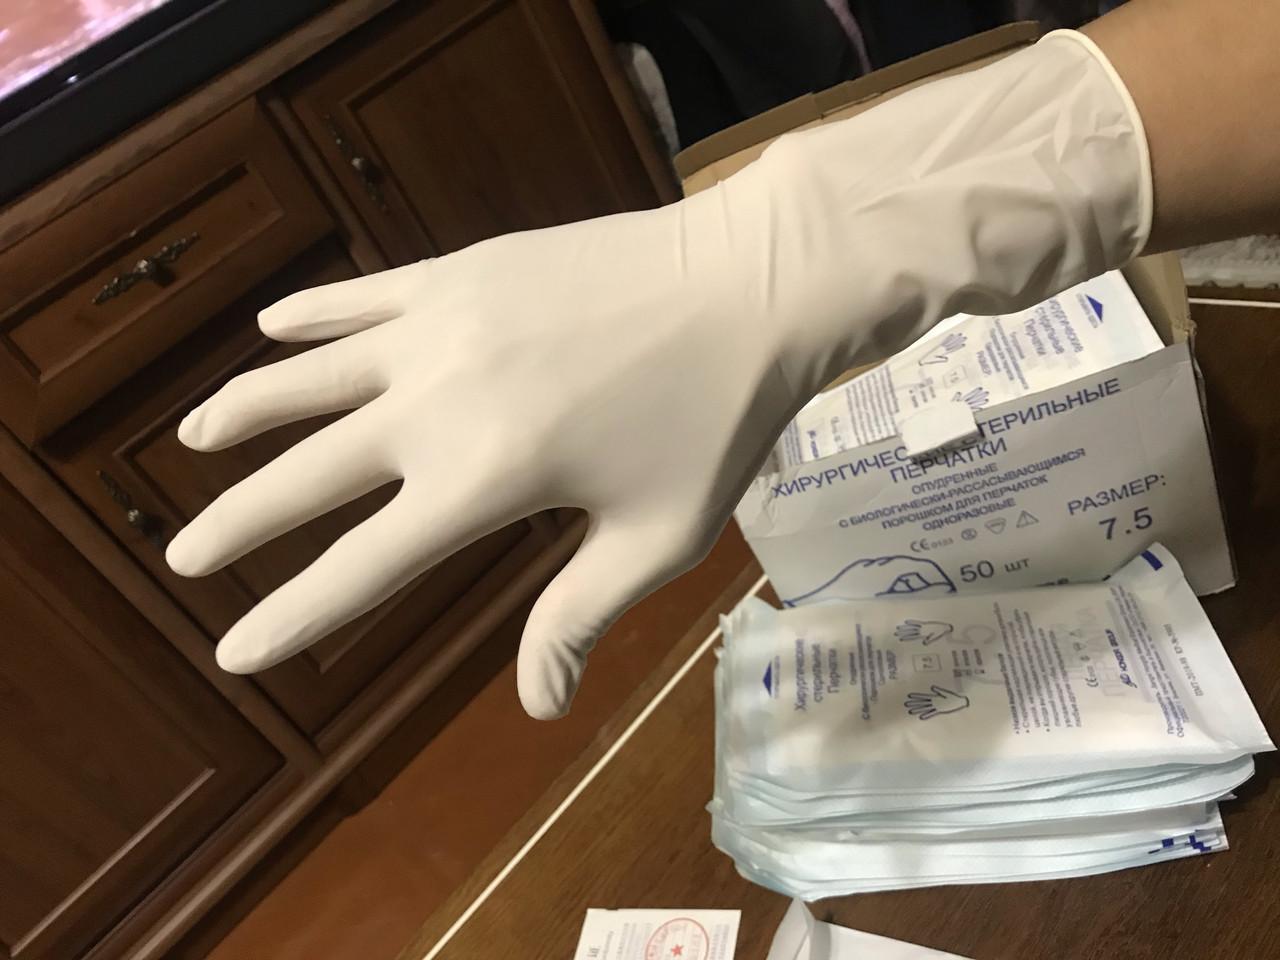 Перчатки стерильные хирургические с длинной манжетой - фото 2